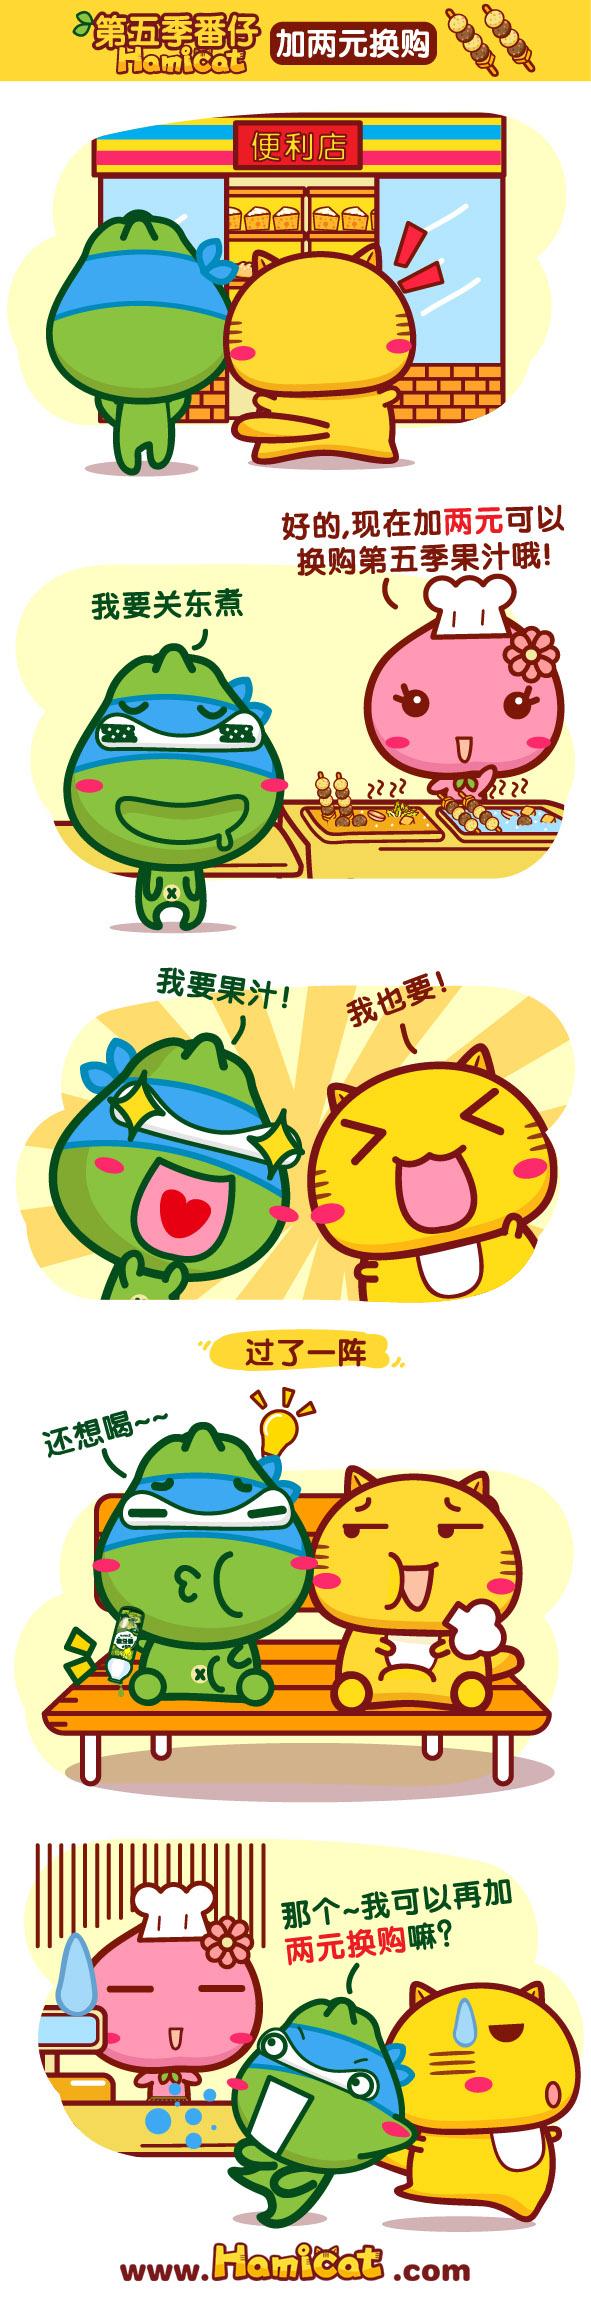 健力宝x哈咪猫漫画3月-05.jpg